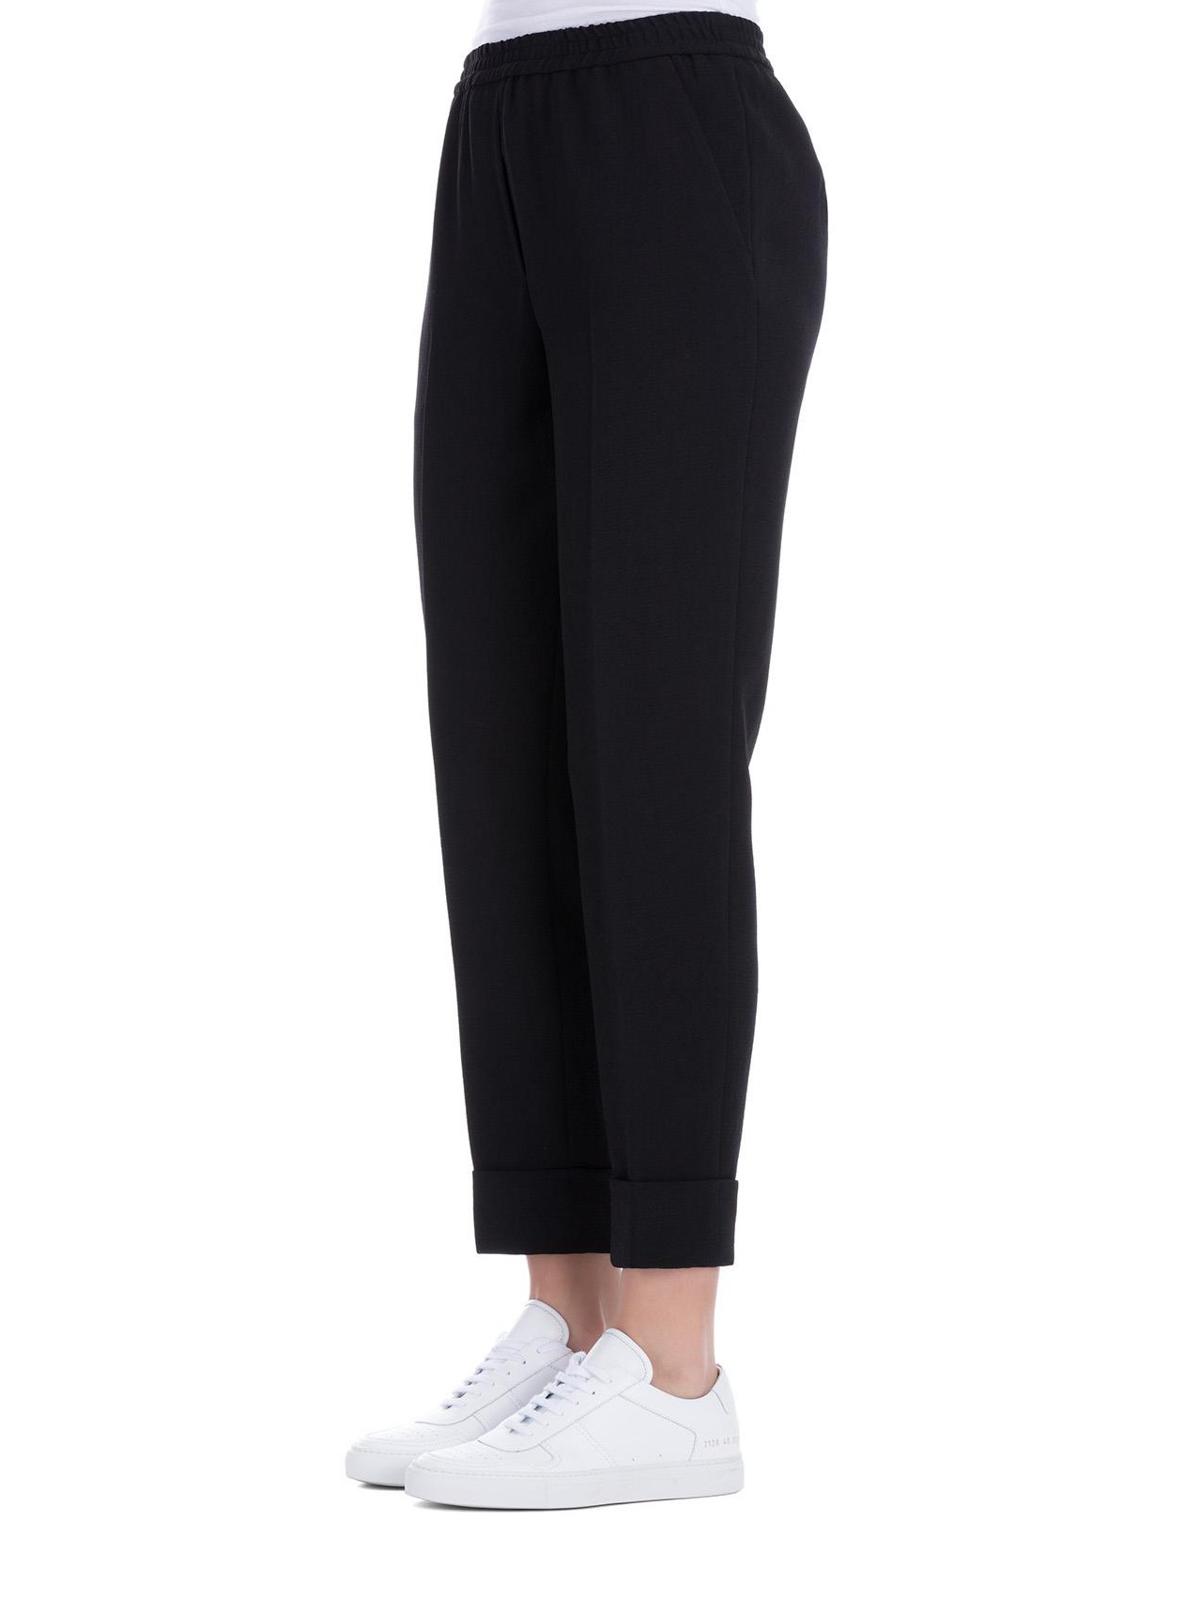 best price 100% quality latest fashion Bottega Veneta - Pantalons Décontractés - Noir - Pantalons ...